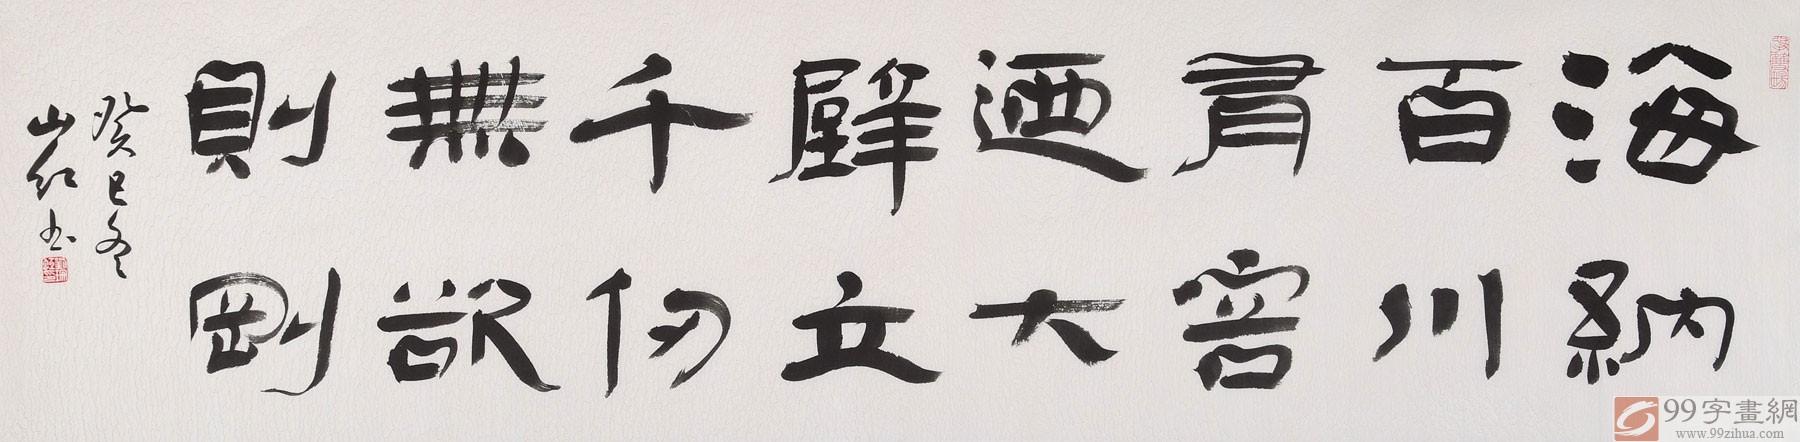 首页 书法作品 隶书  品名:海纳百川 有容乃大              材质